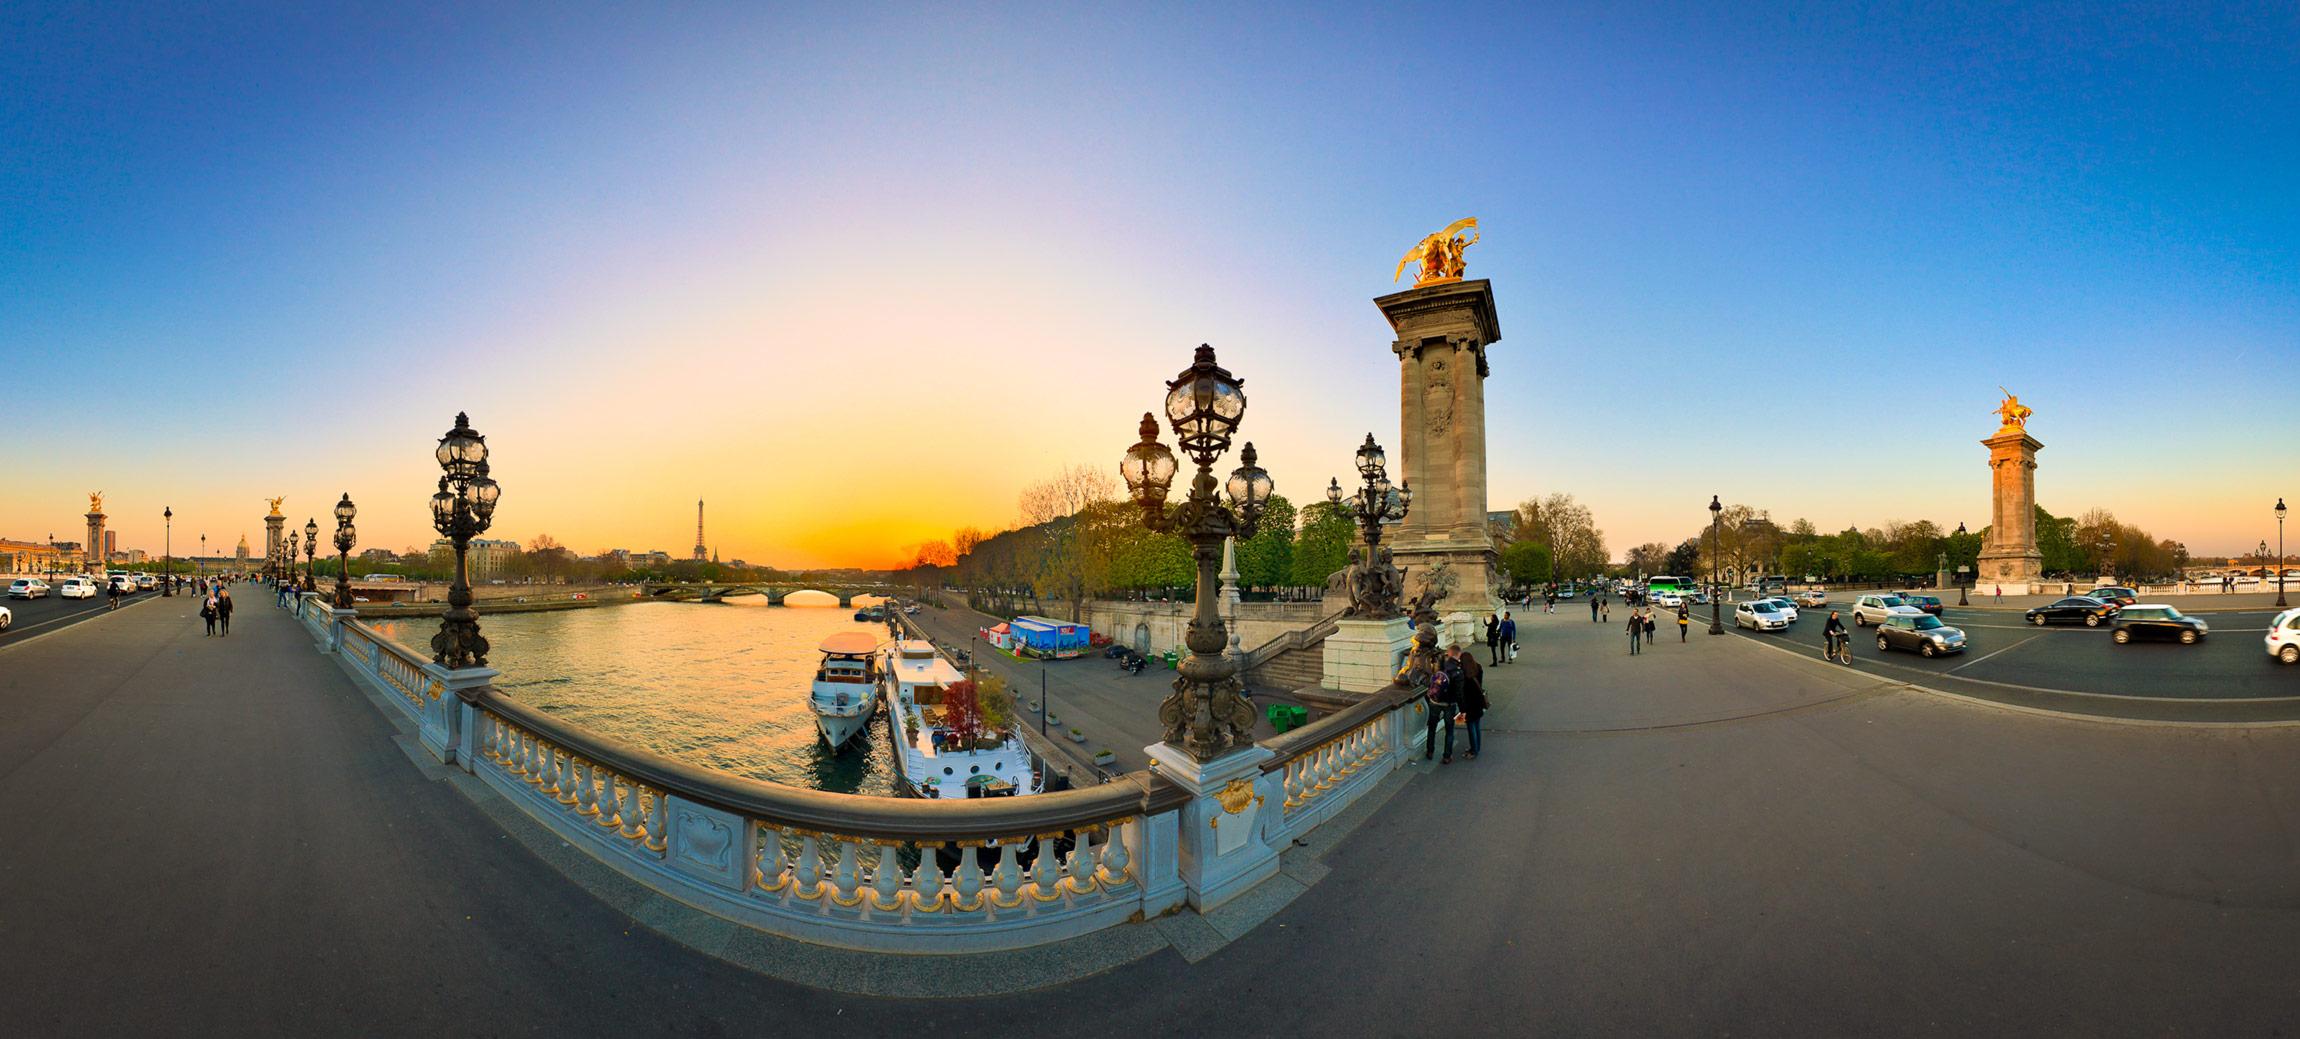 Pont-Alexandre_jan-totzek